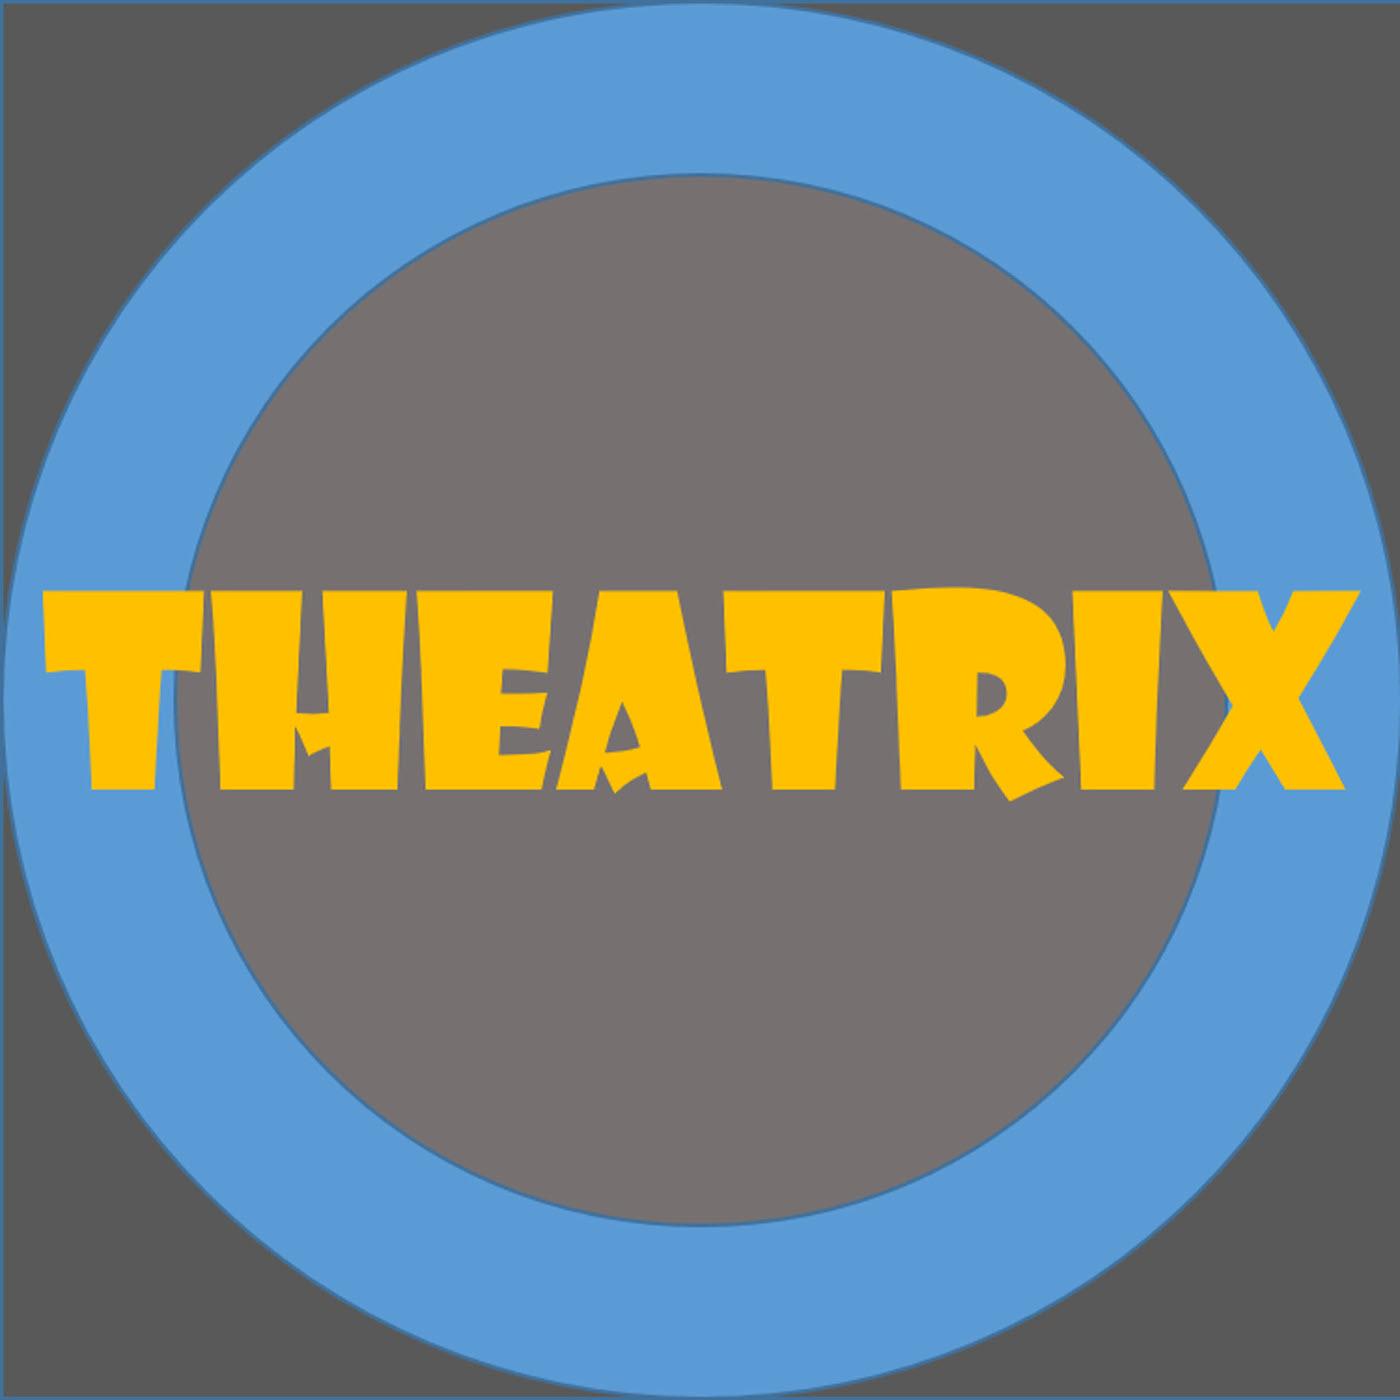 THEATRIXSB